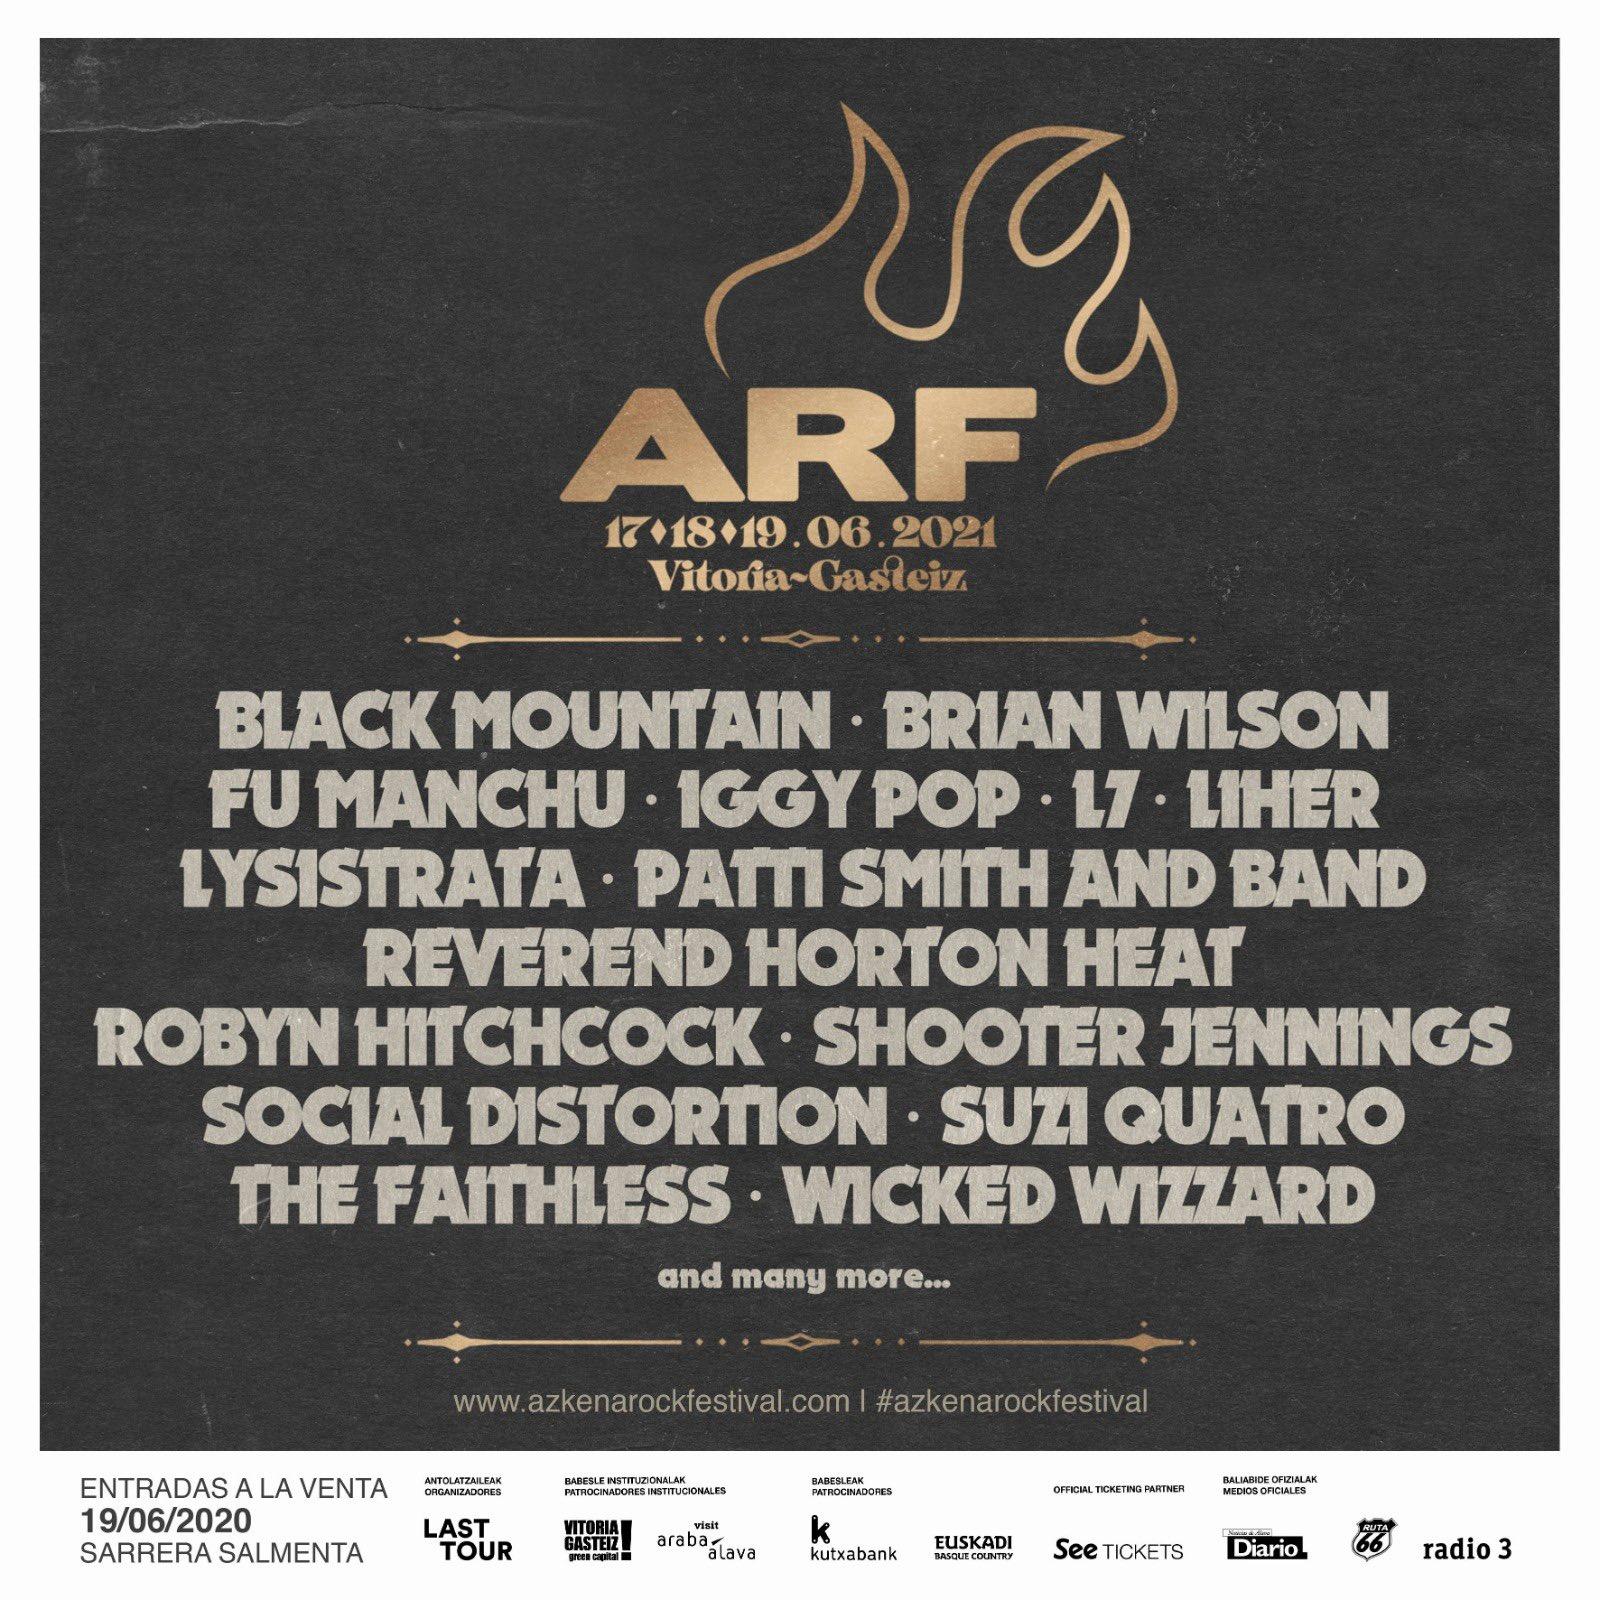 Rockfestival 2021